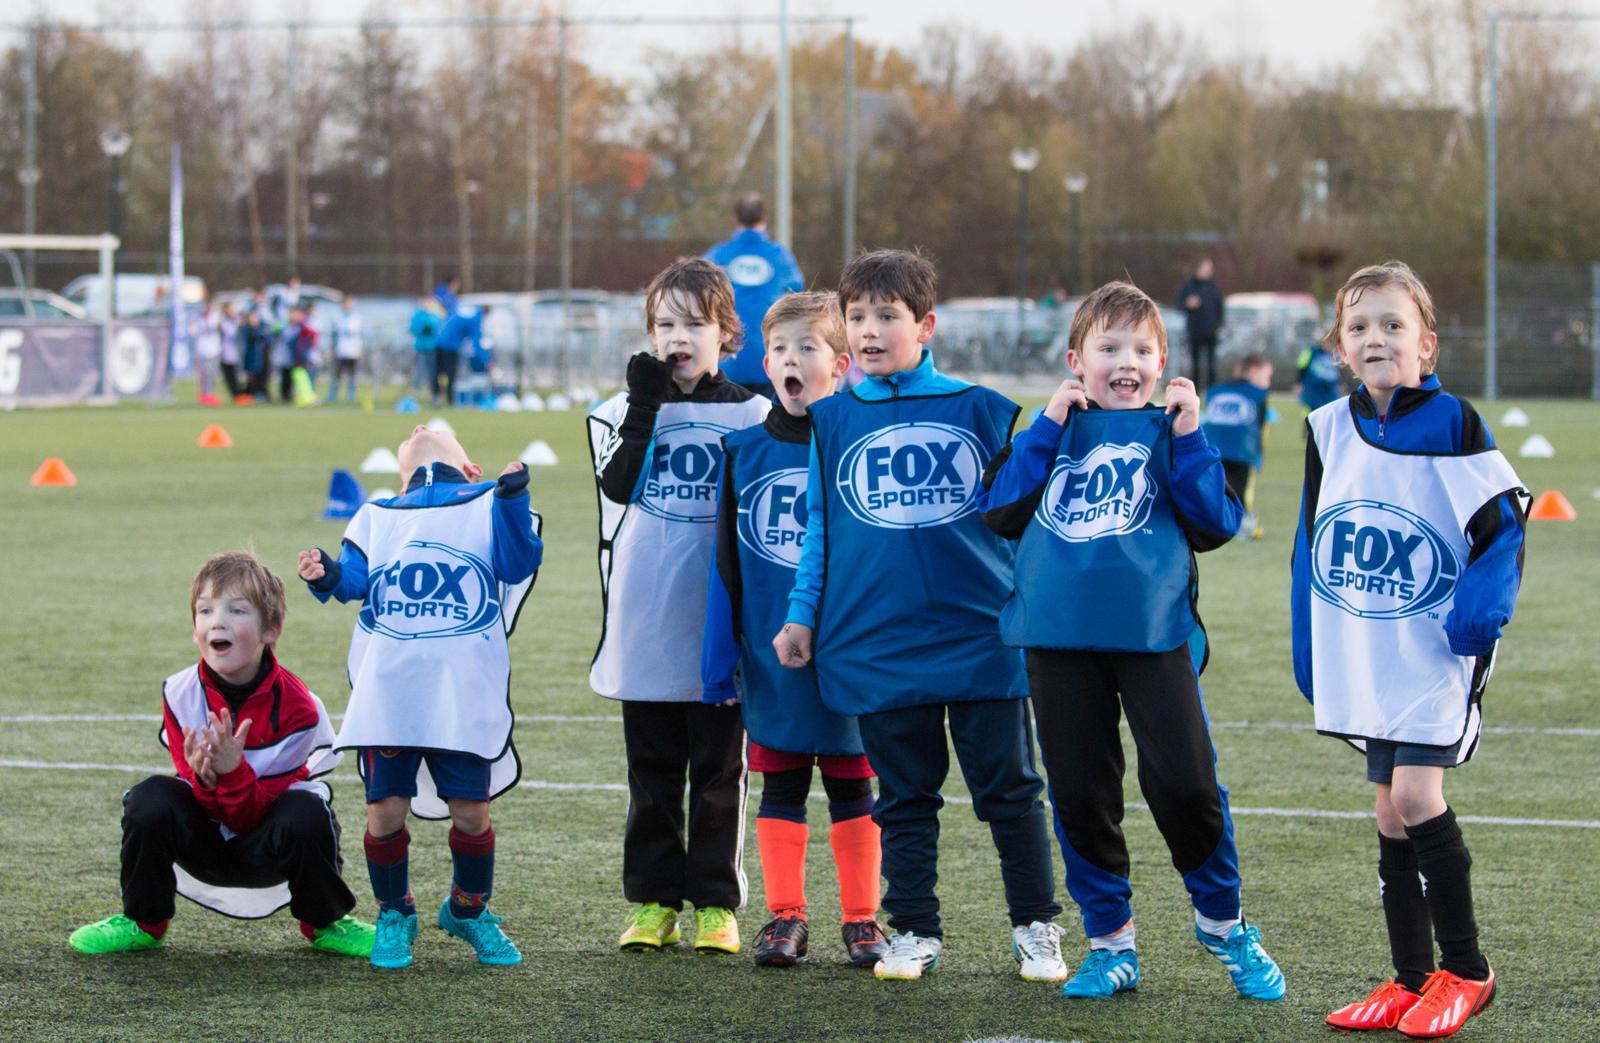 FOX-Sports-Voetbaldagen-3